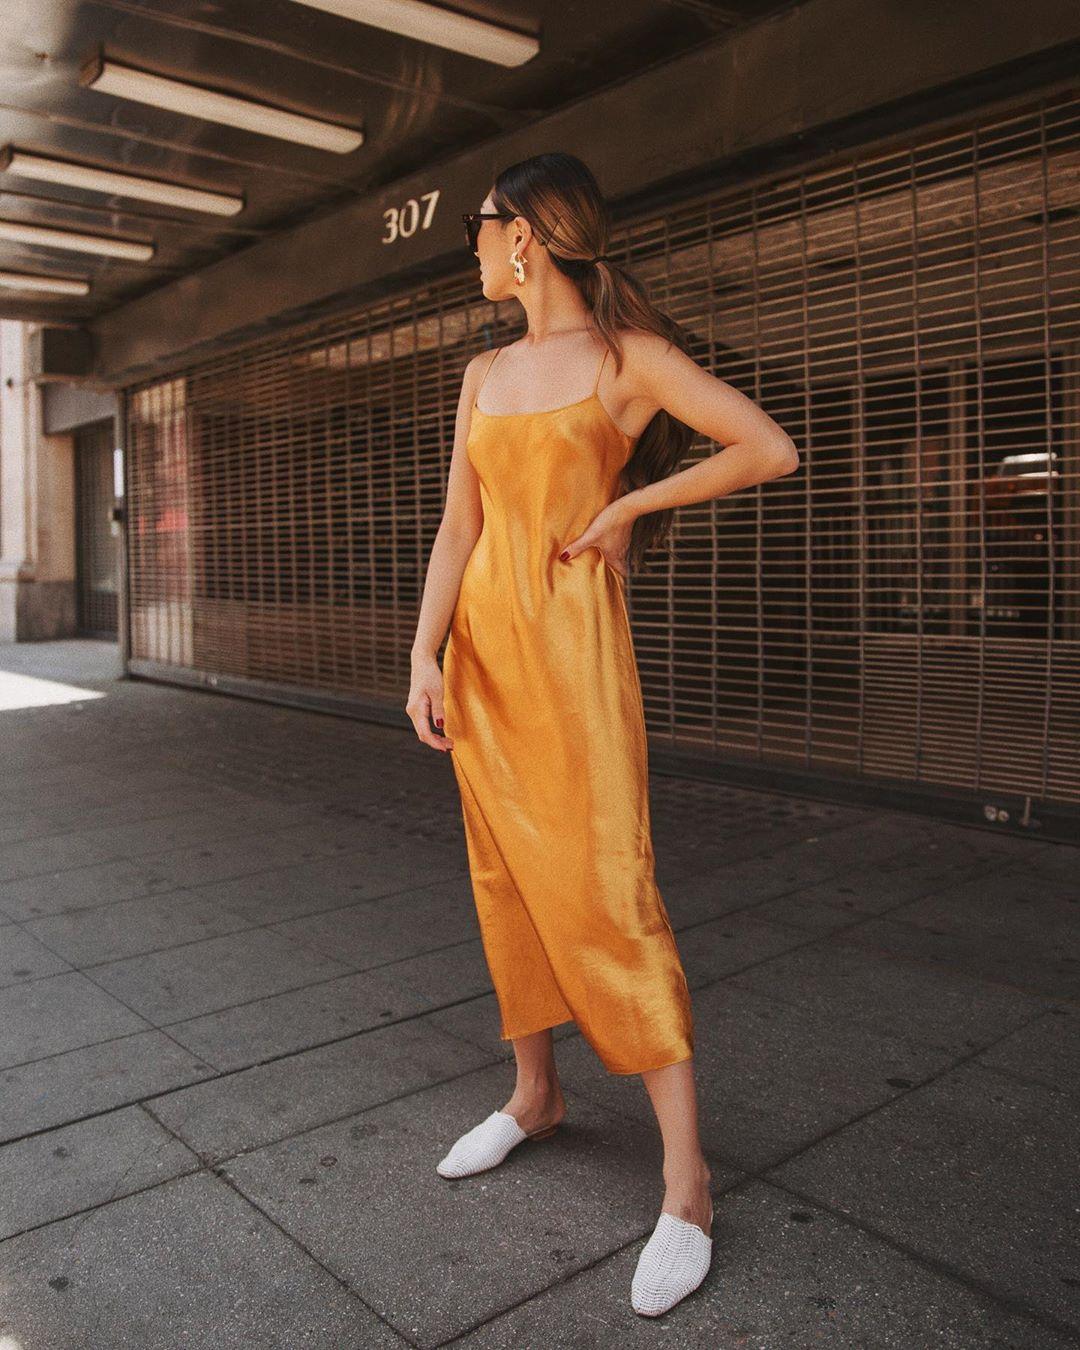 sophiachang mặc đầm vàng mù tạt và giày trắng